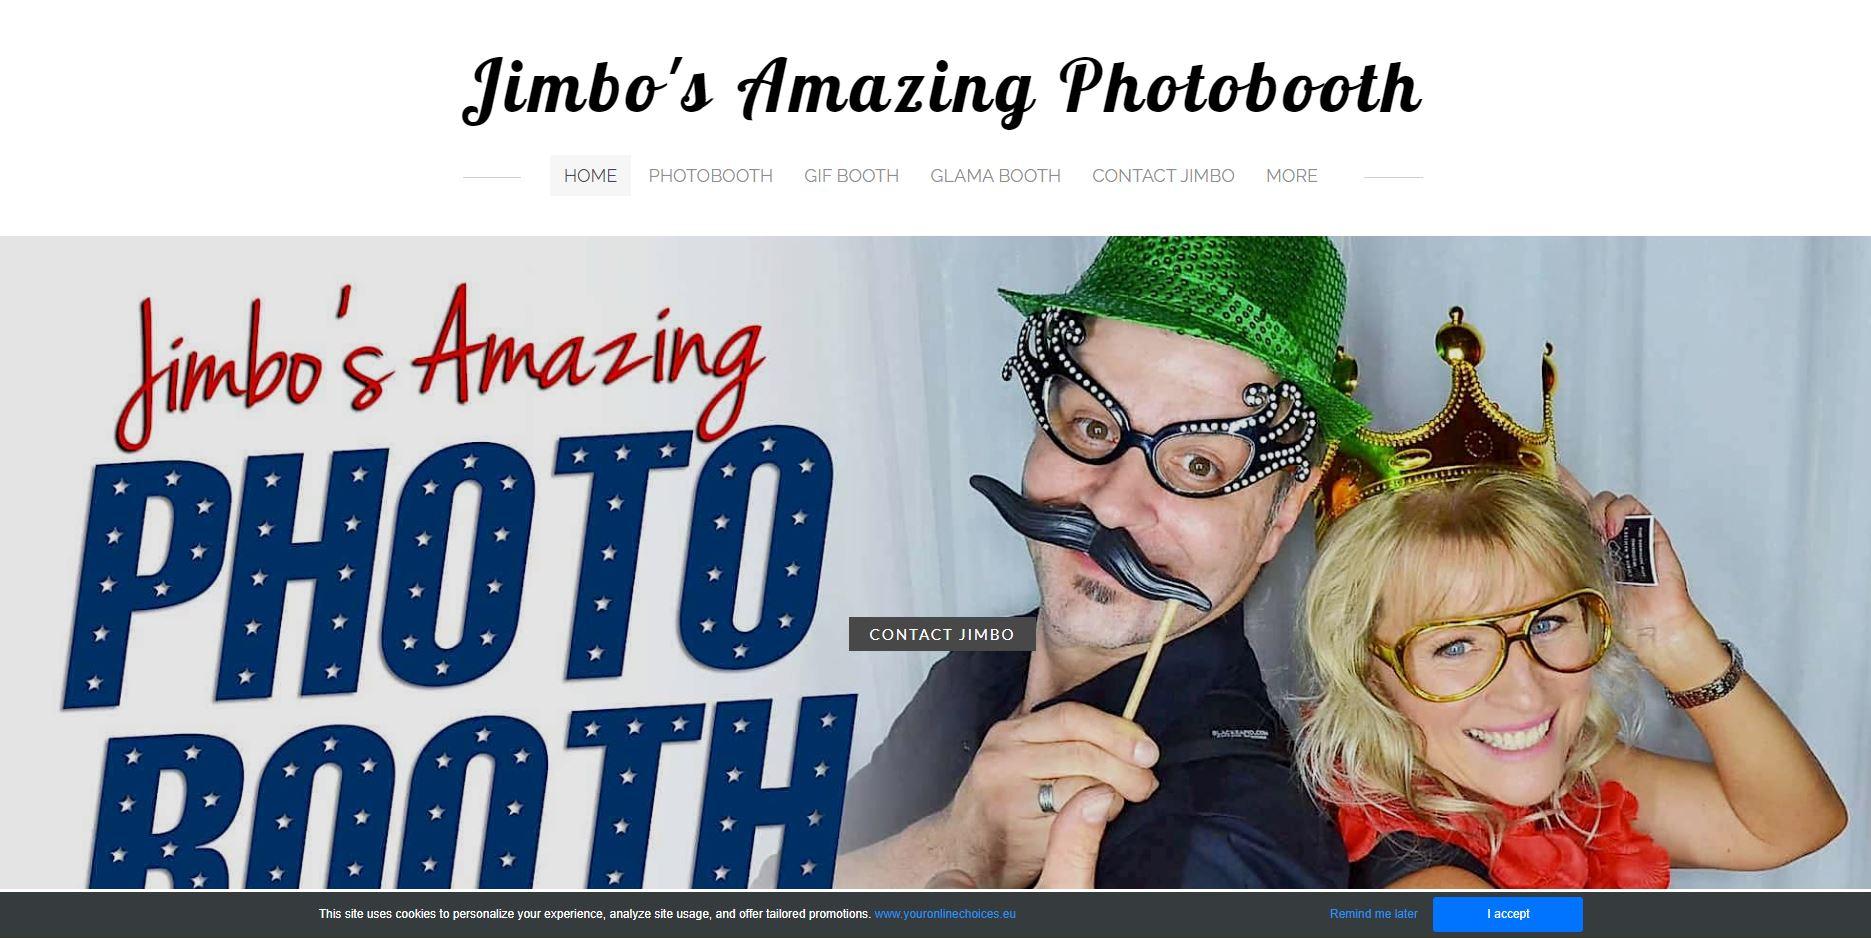 Jimbo's Amazing